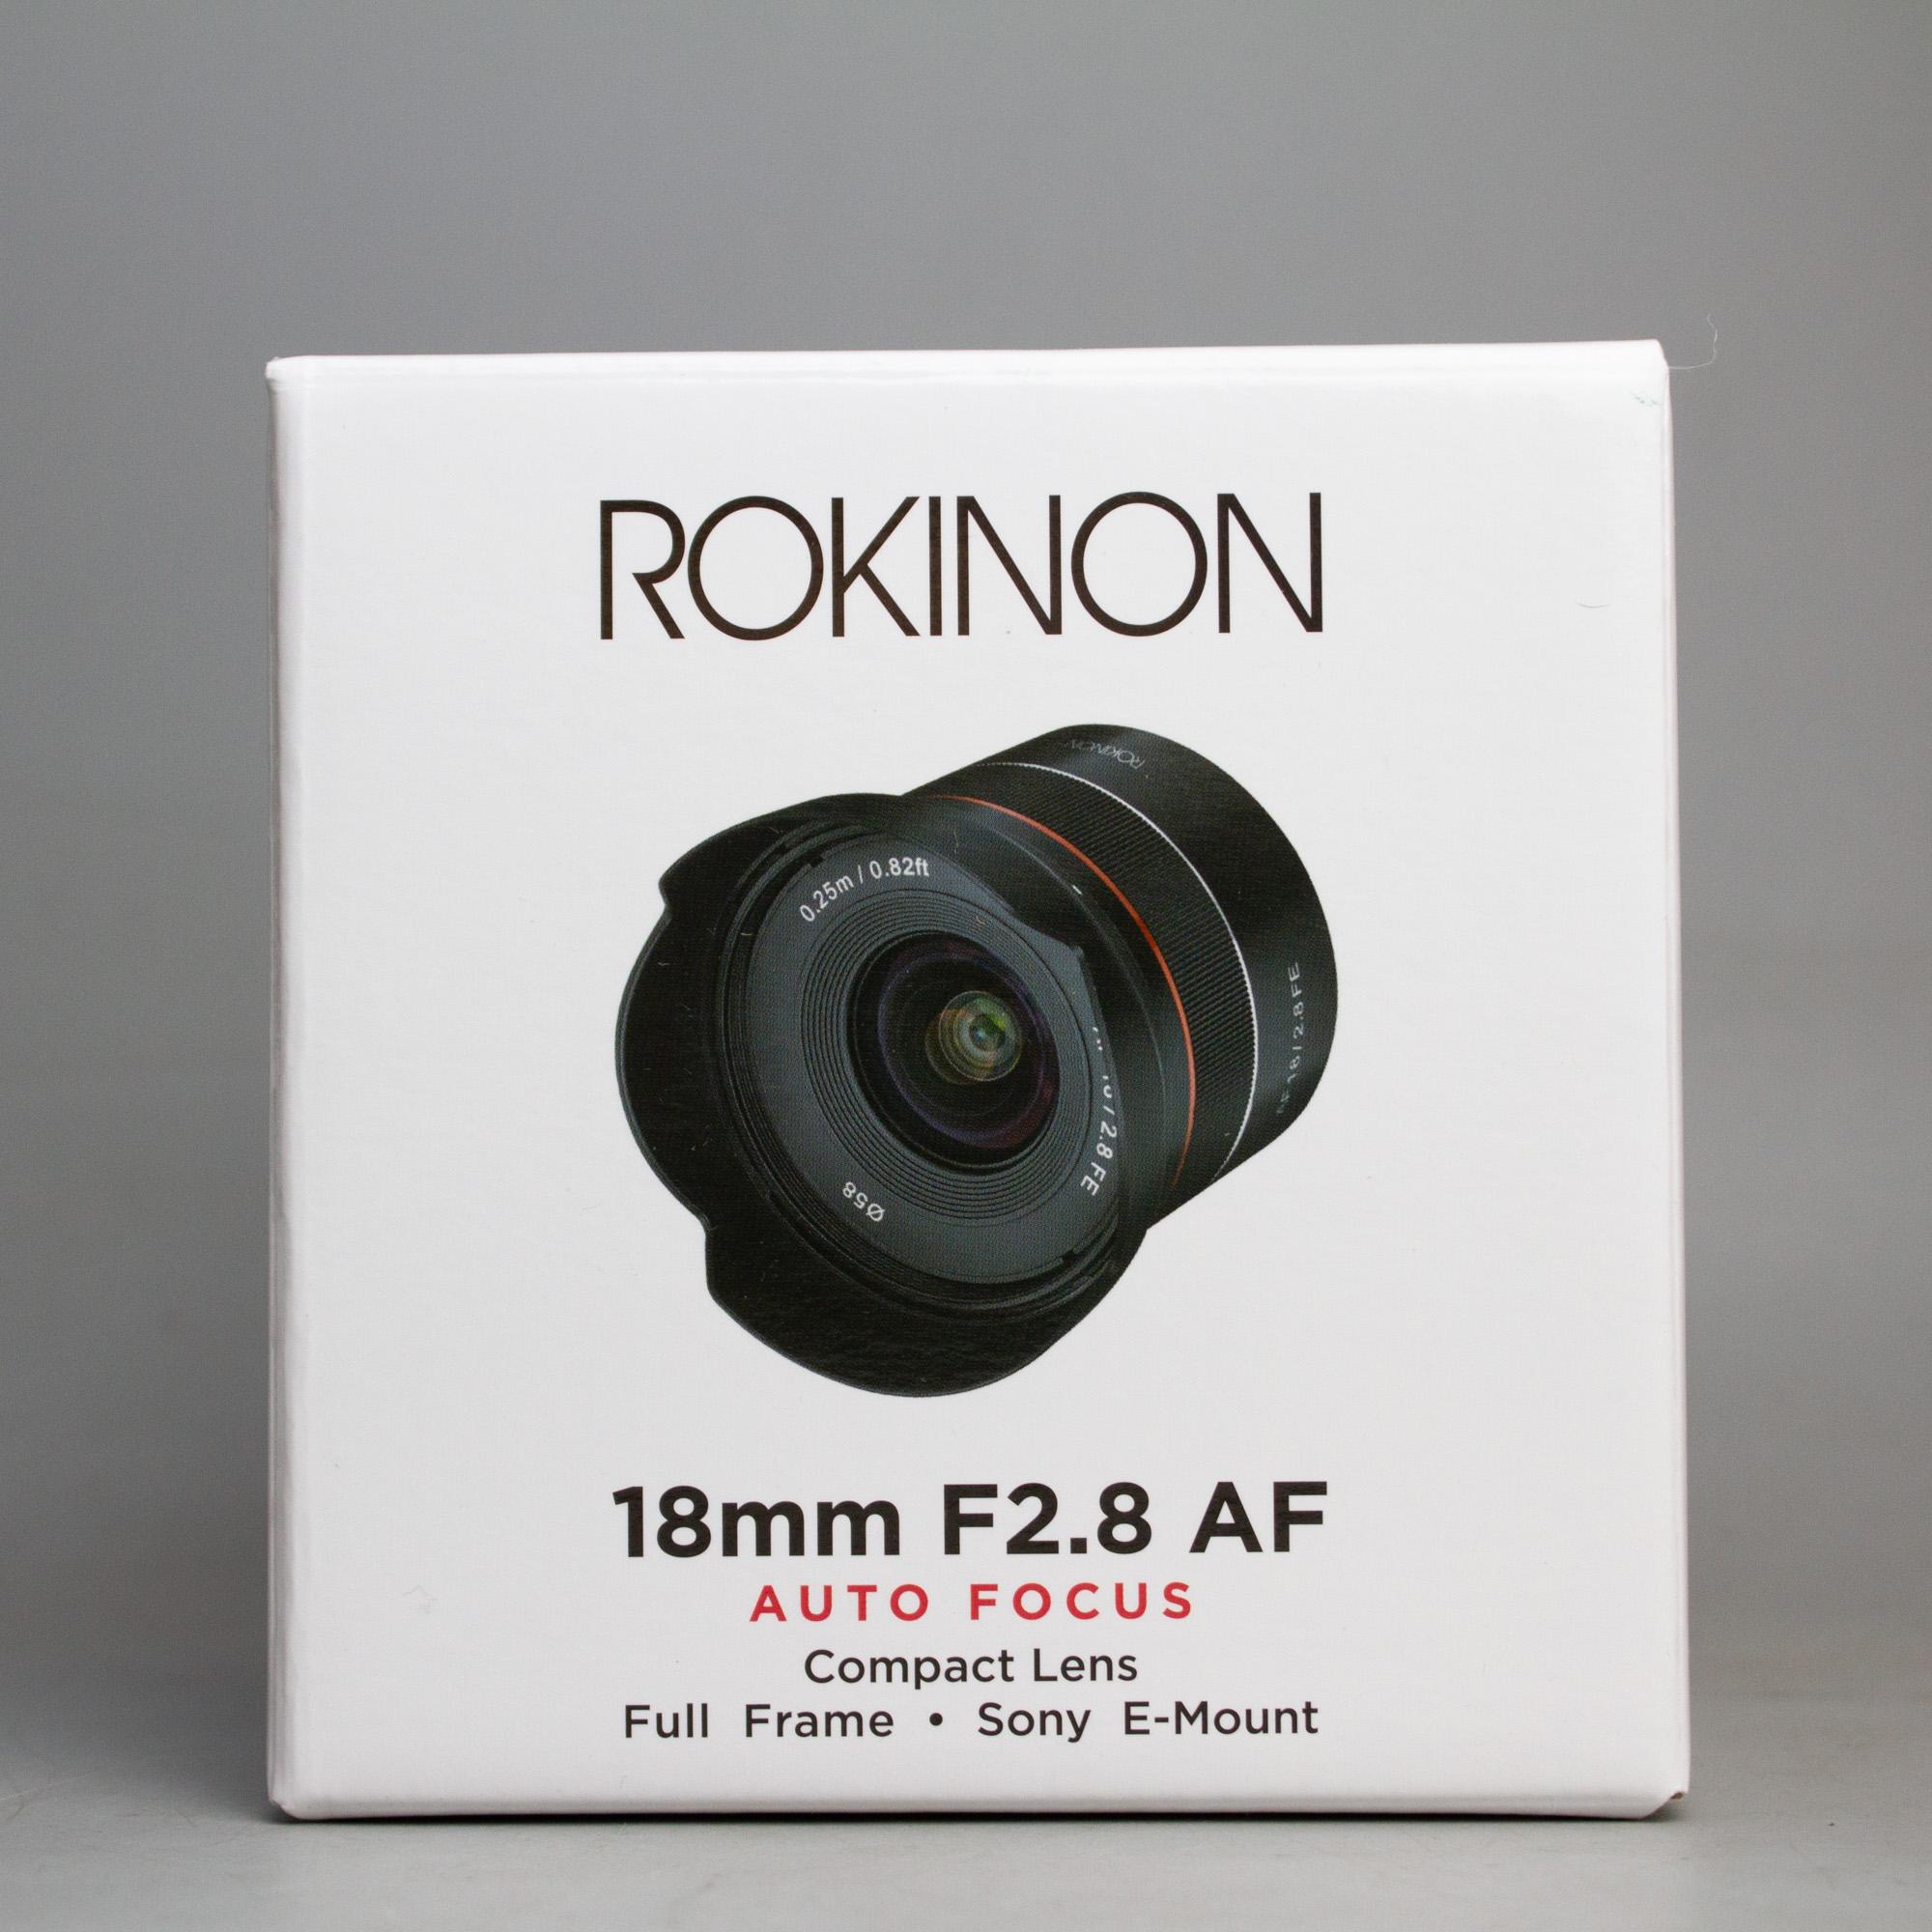 rokinon-samyang-18mm-f2-8-fe-new-100-18-2-8-18814